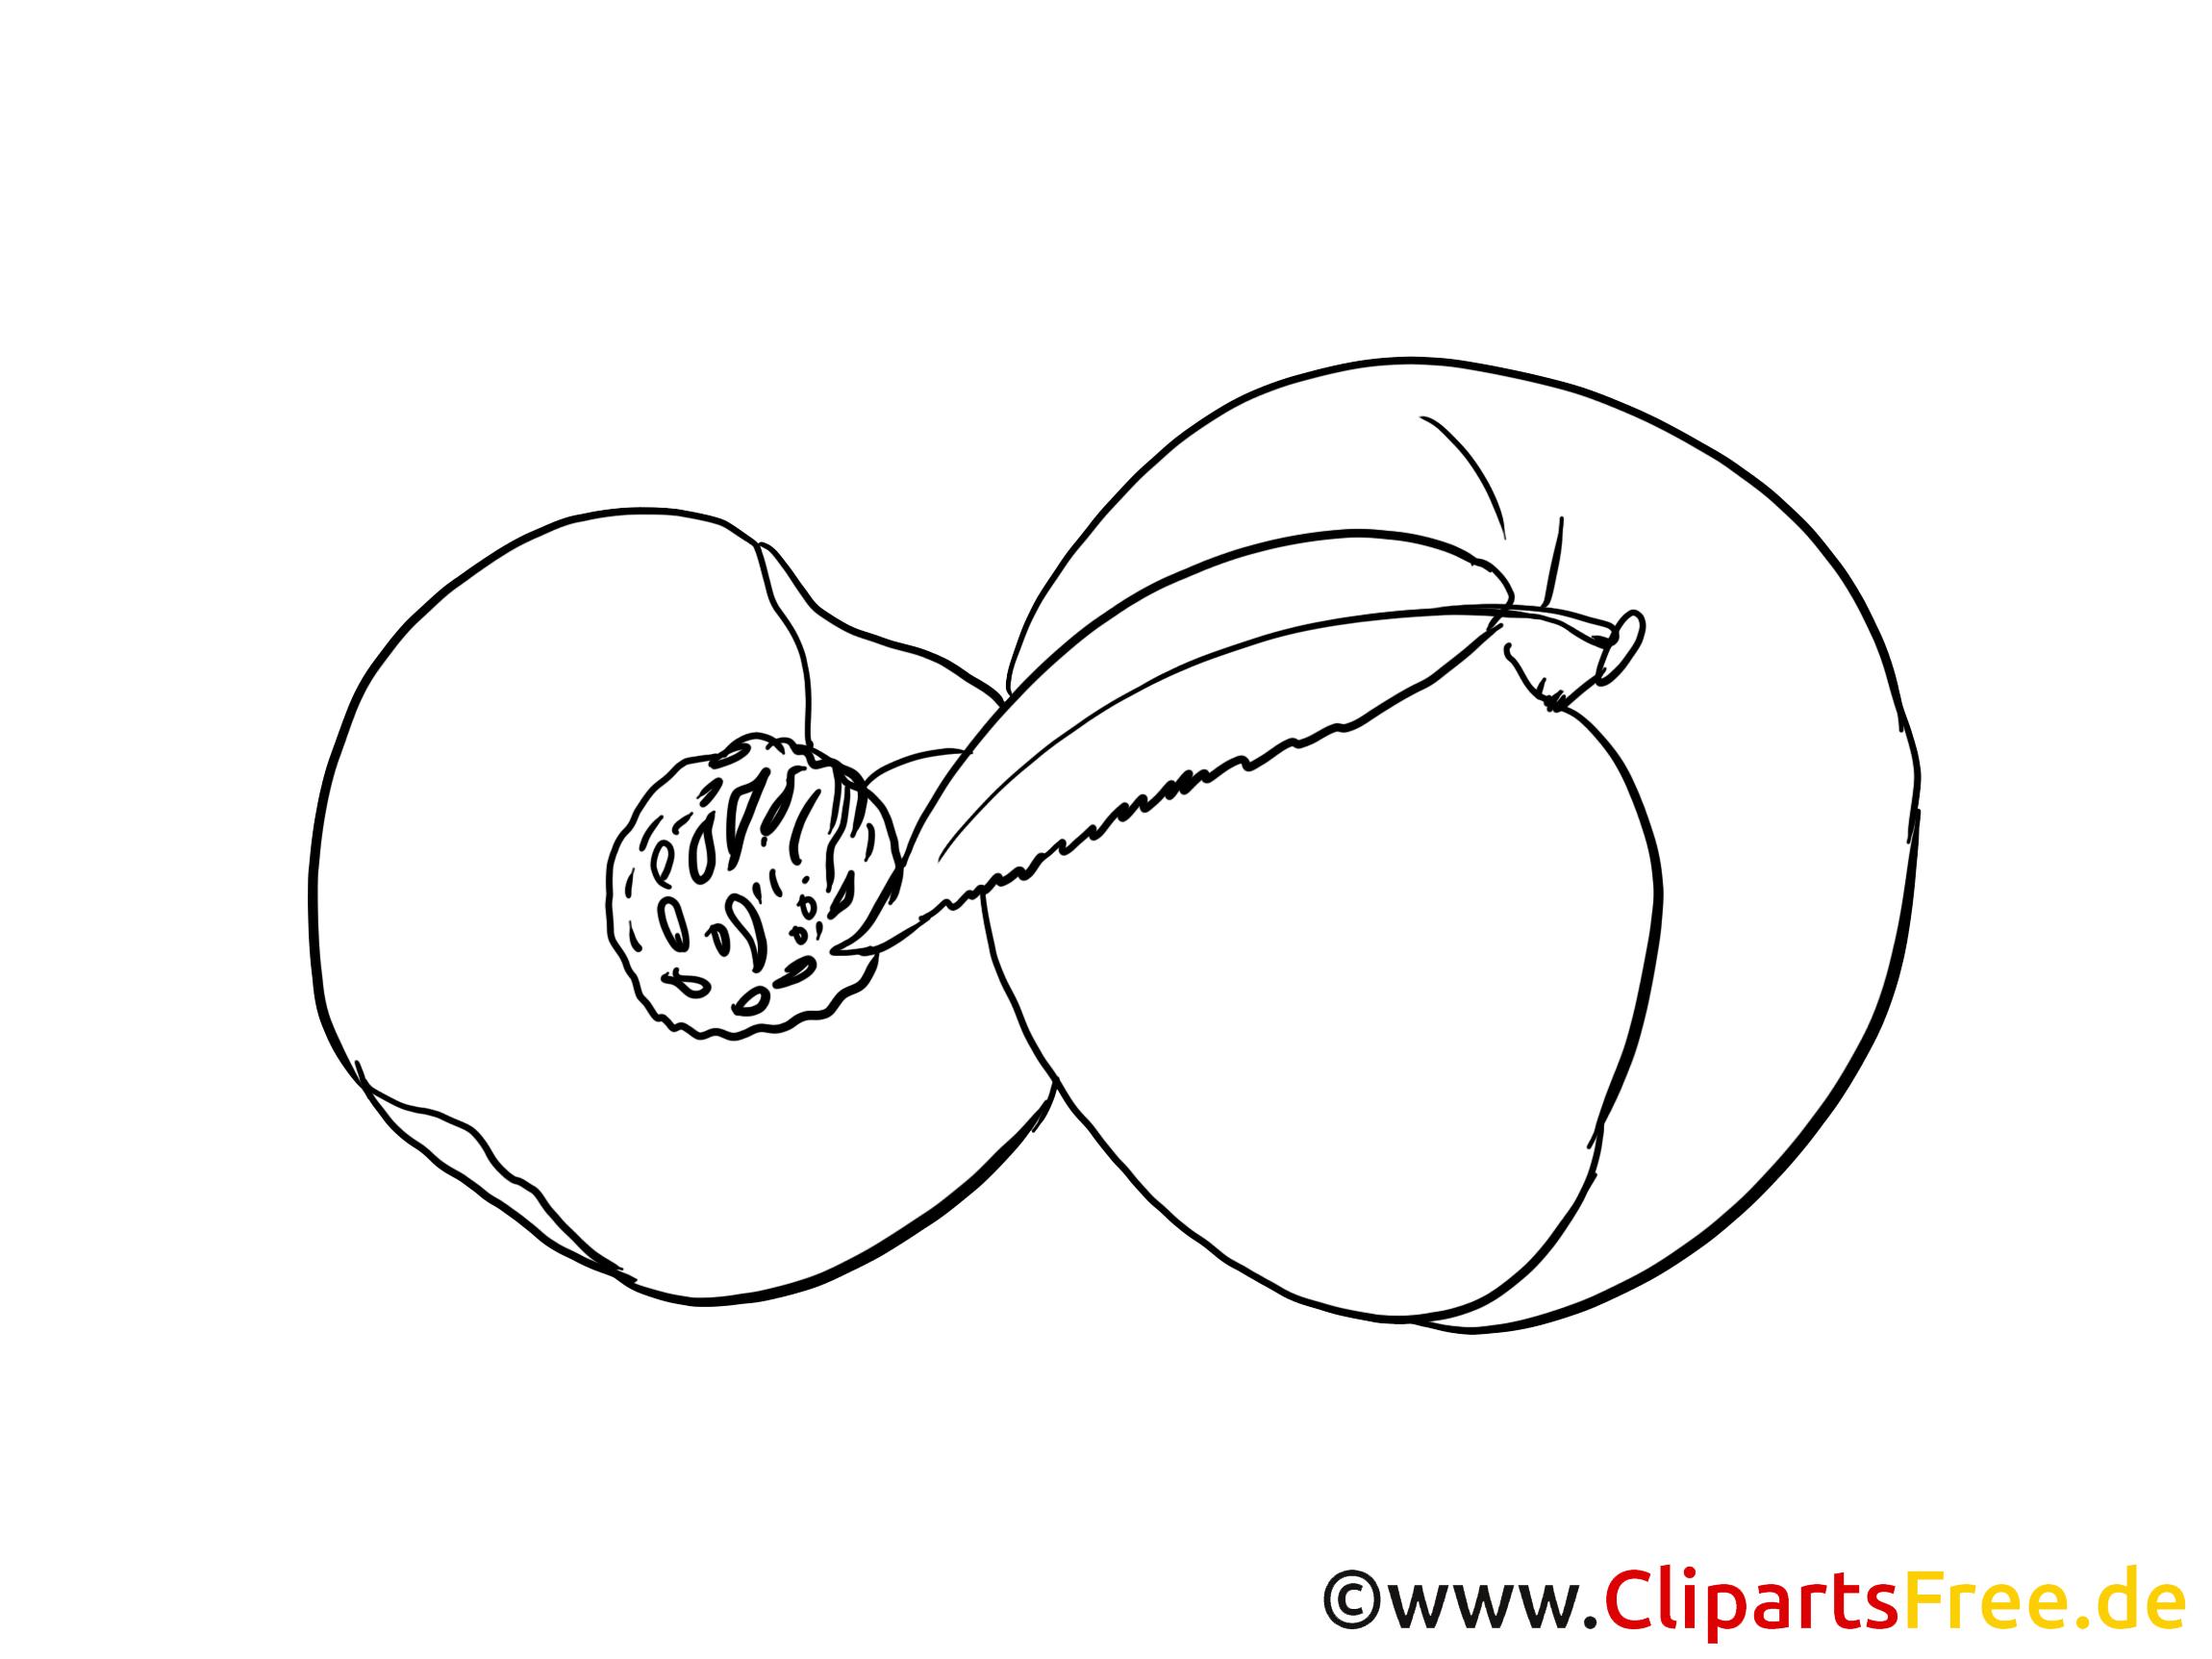 Peche Illustration Fruits A Imprimer Fruits Coloriages Dessin Picture Image Graphic Clip Art Telecharger Gratuit